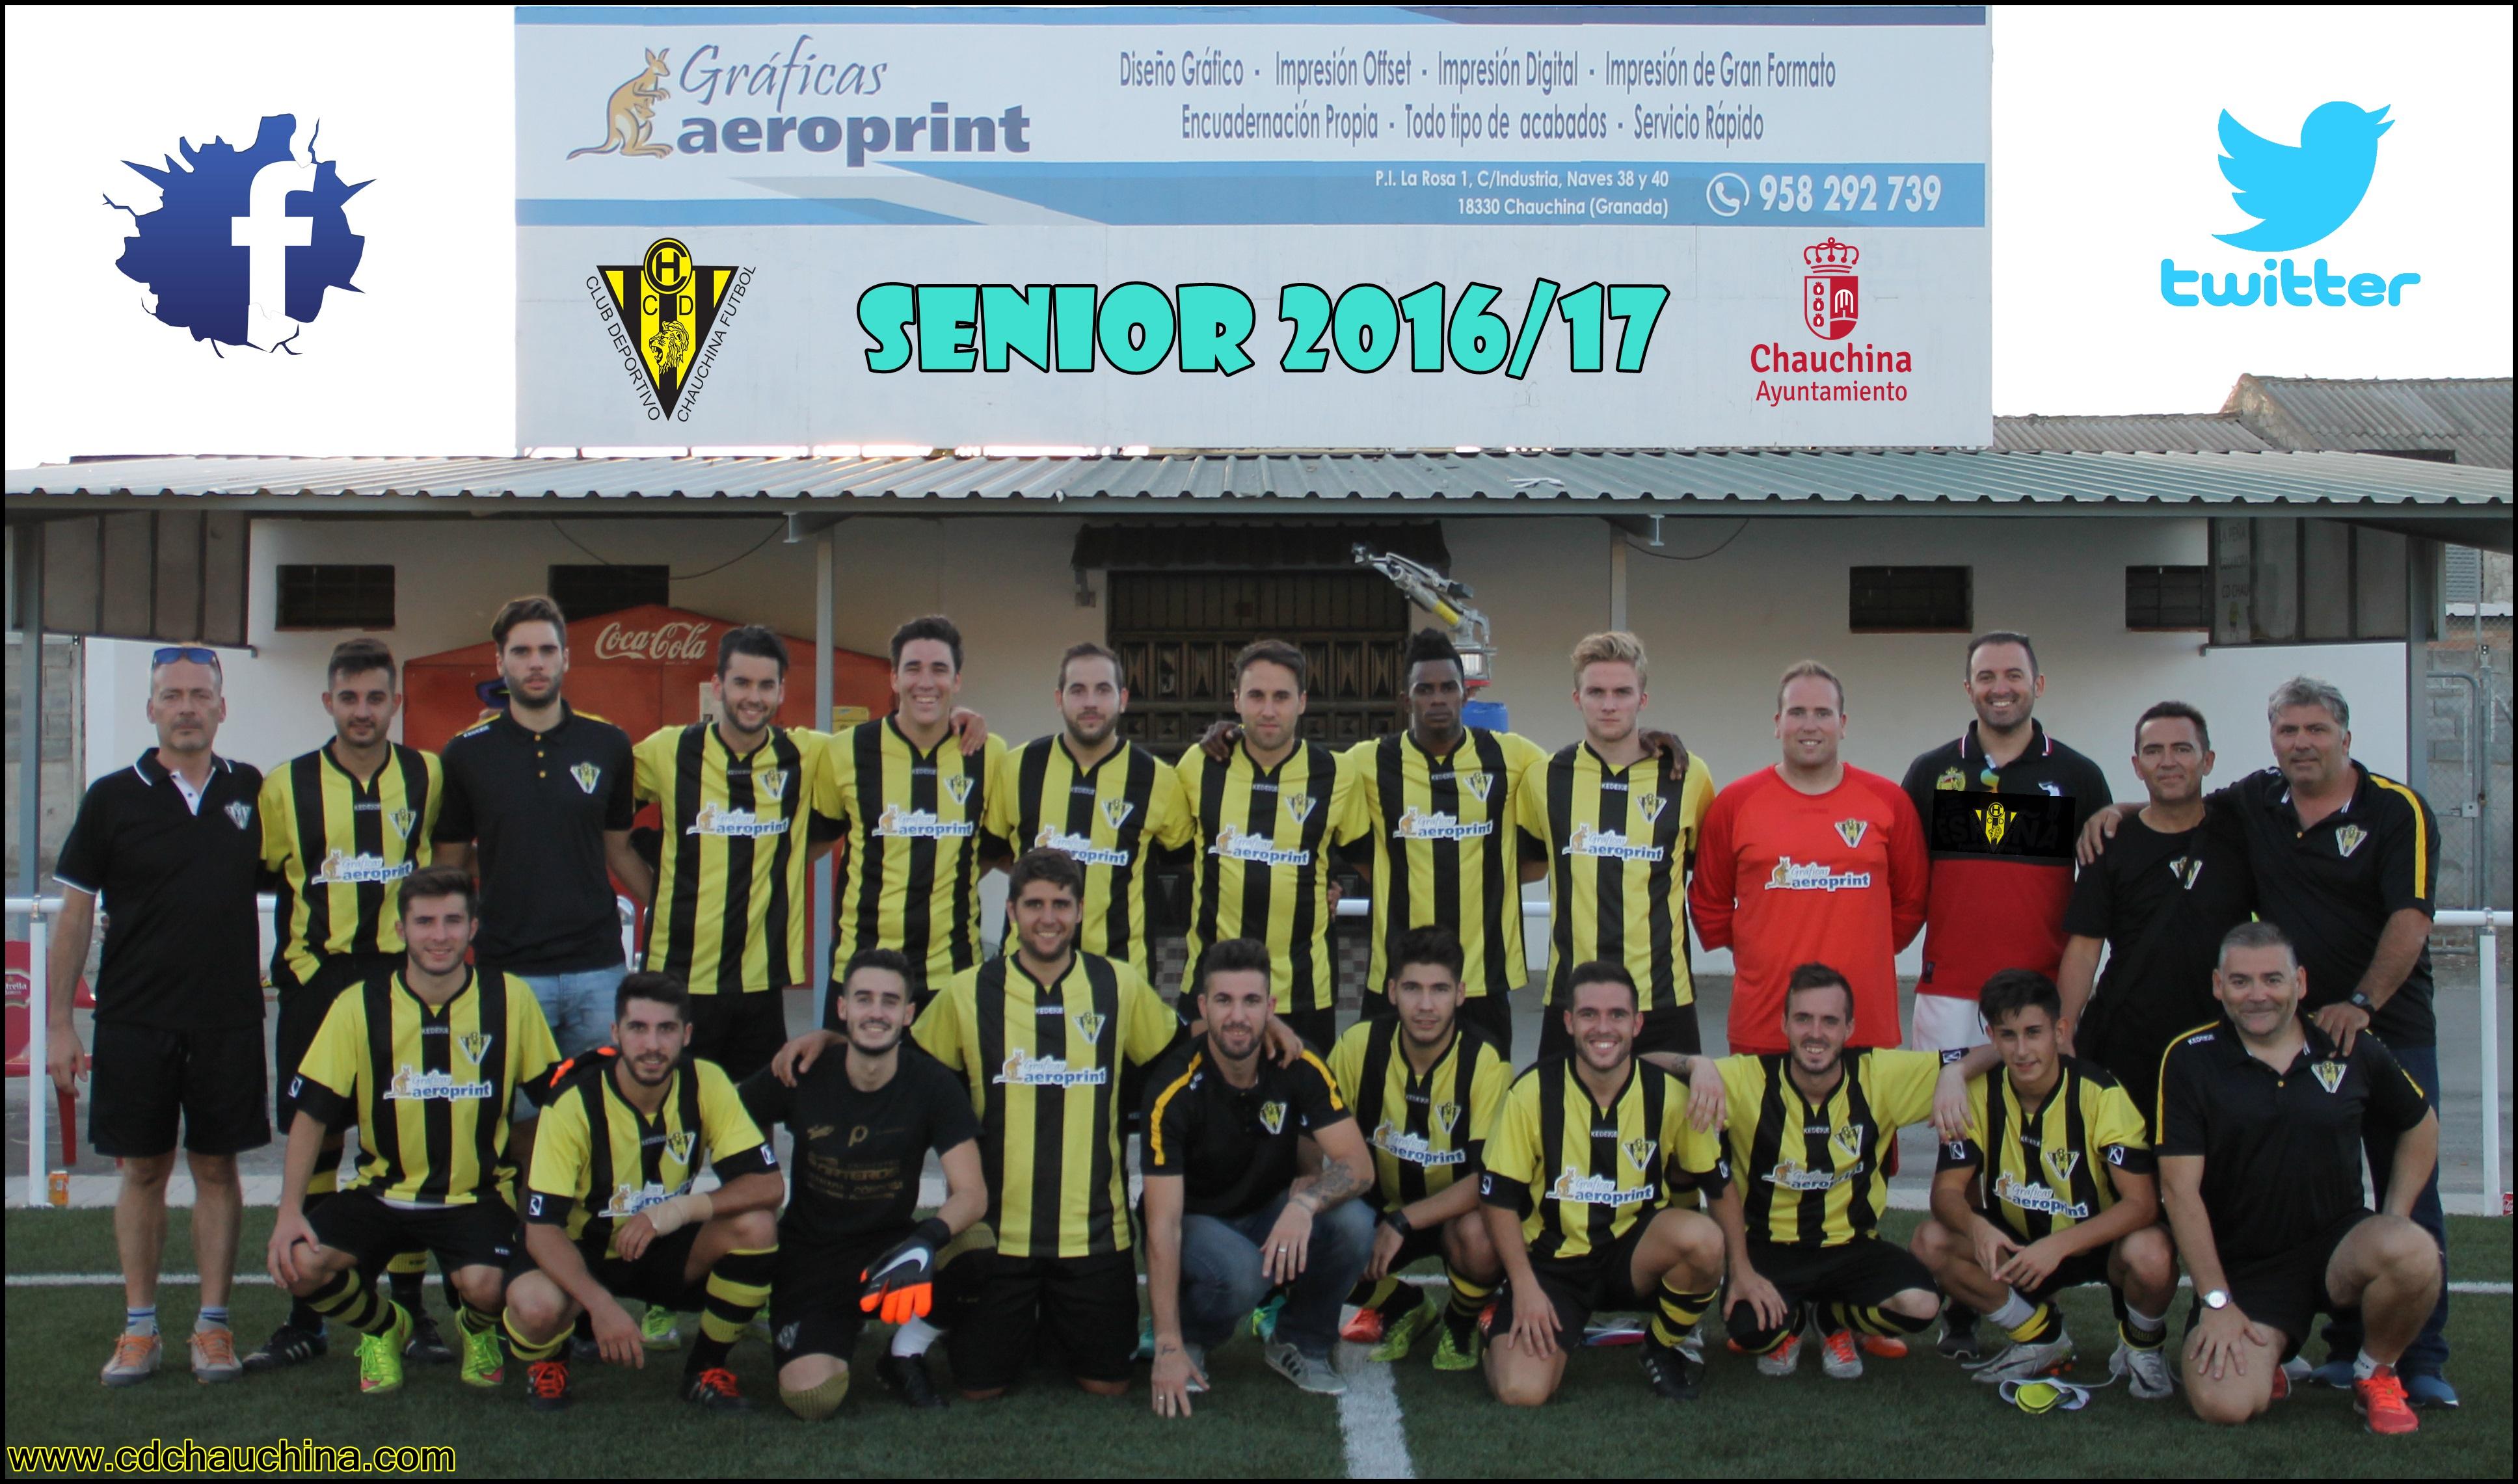 senior.JPG